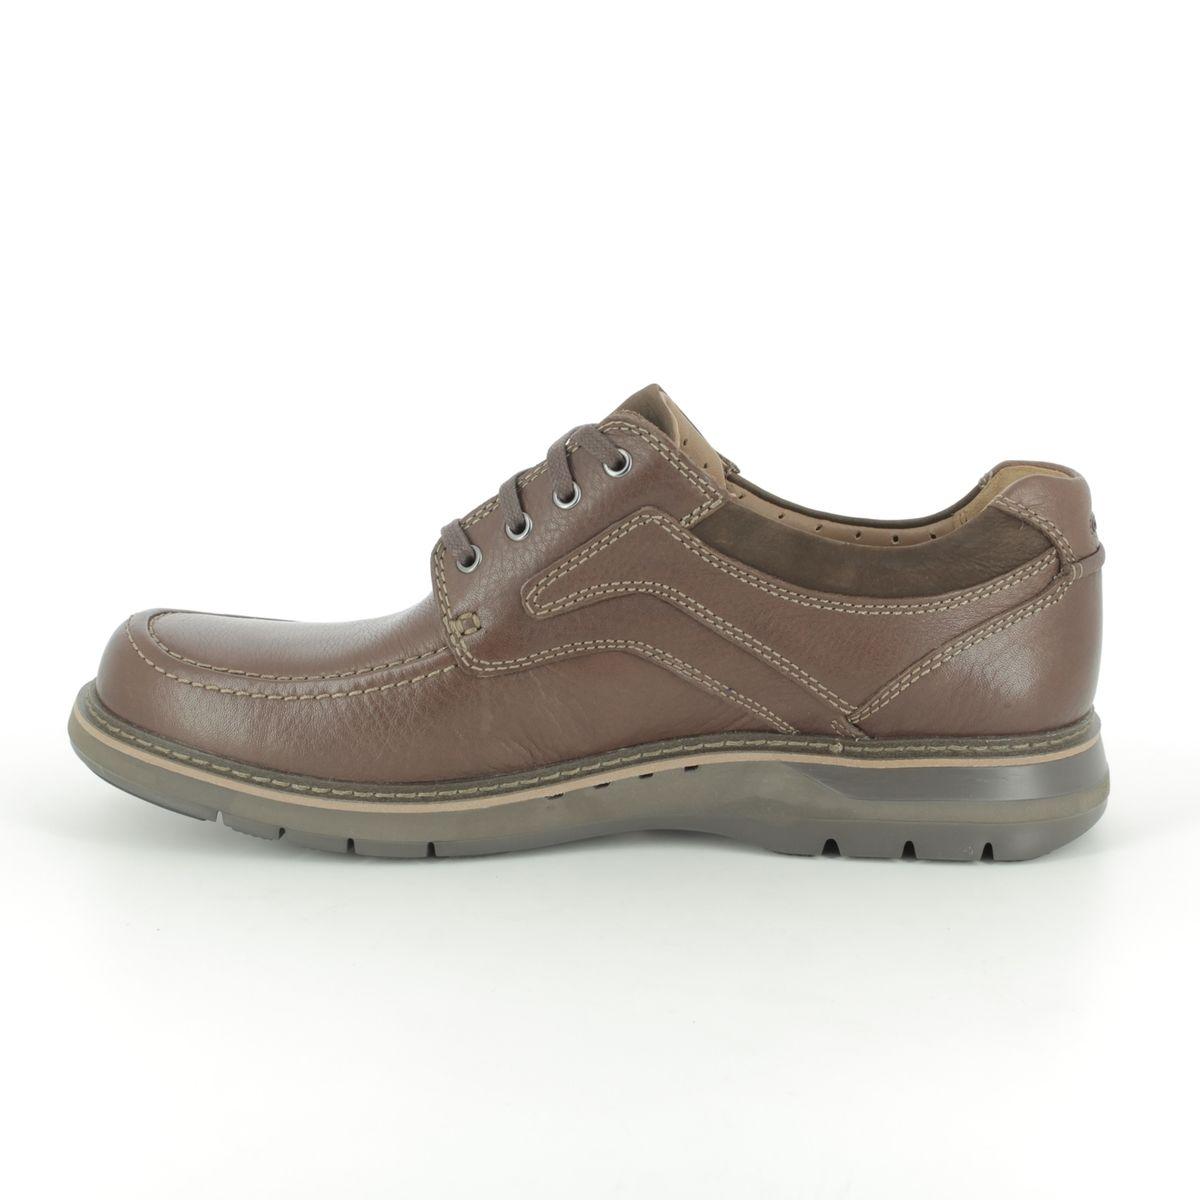 64238d3945dc9 Clarks Casual Shoes - Brown - 381877G UN RAMBLE LACE